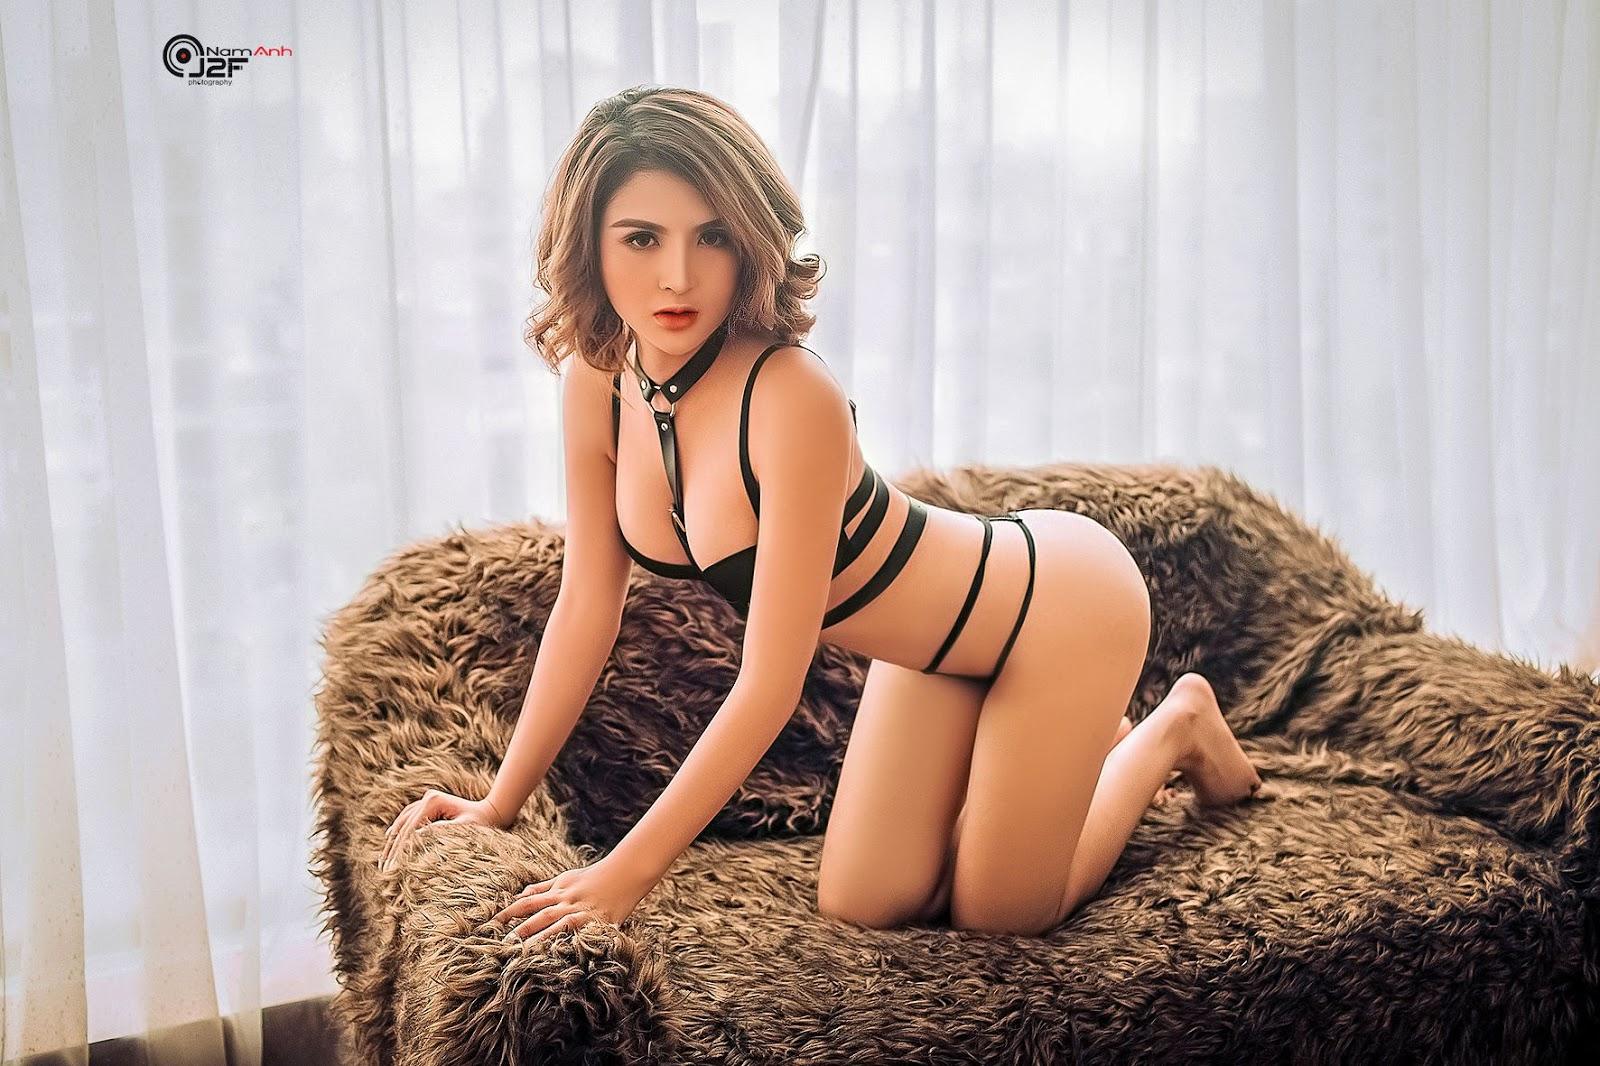 Ngắm Ảnh Gái Xinh Việt Nam Sexy Cực Gợi Cảm Quyến Rũ